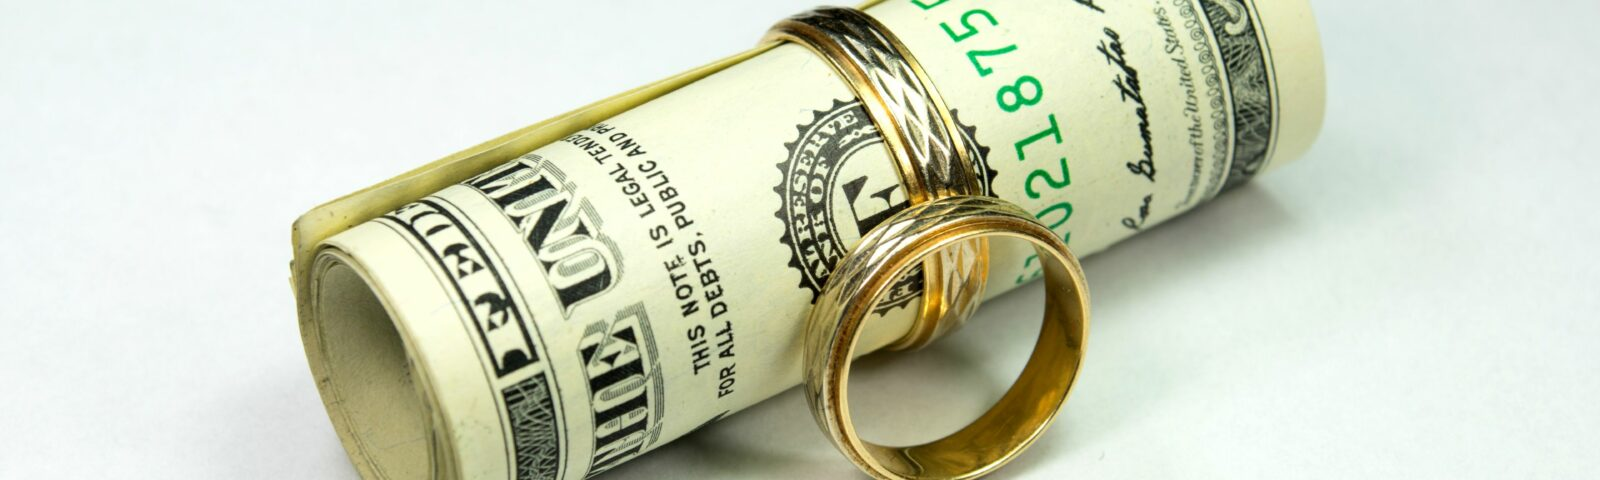 Accords, mariages et union libre ( concubinage )